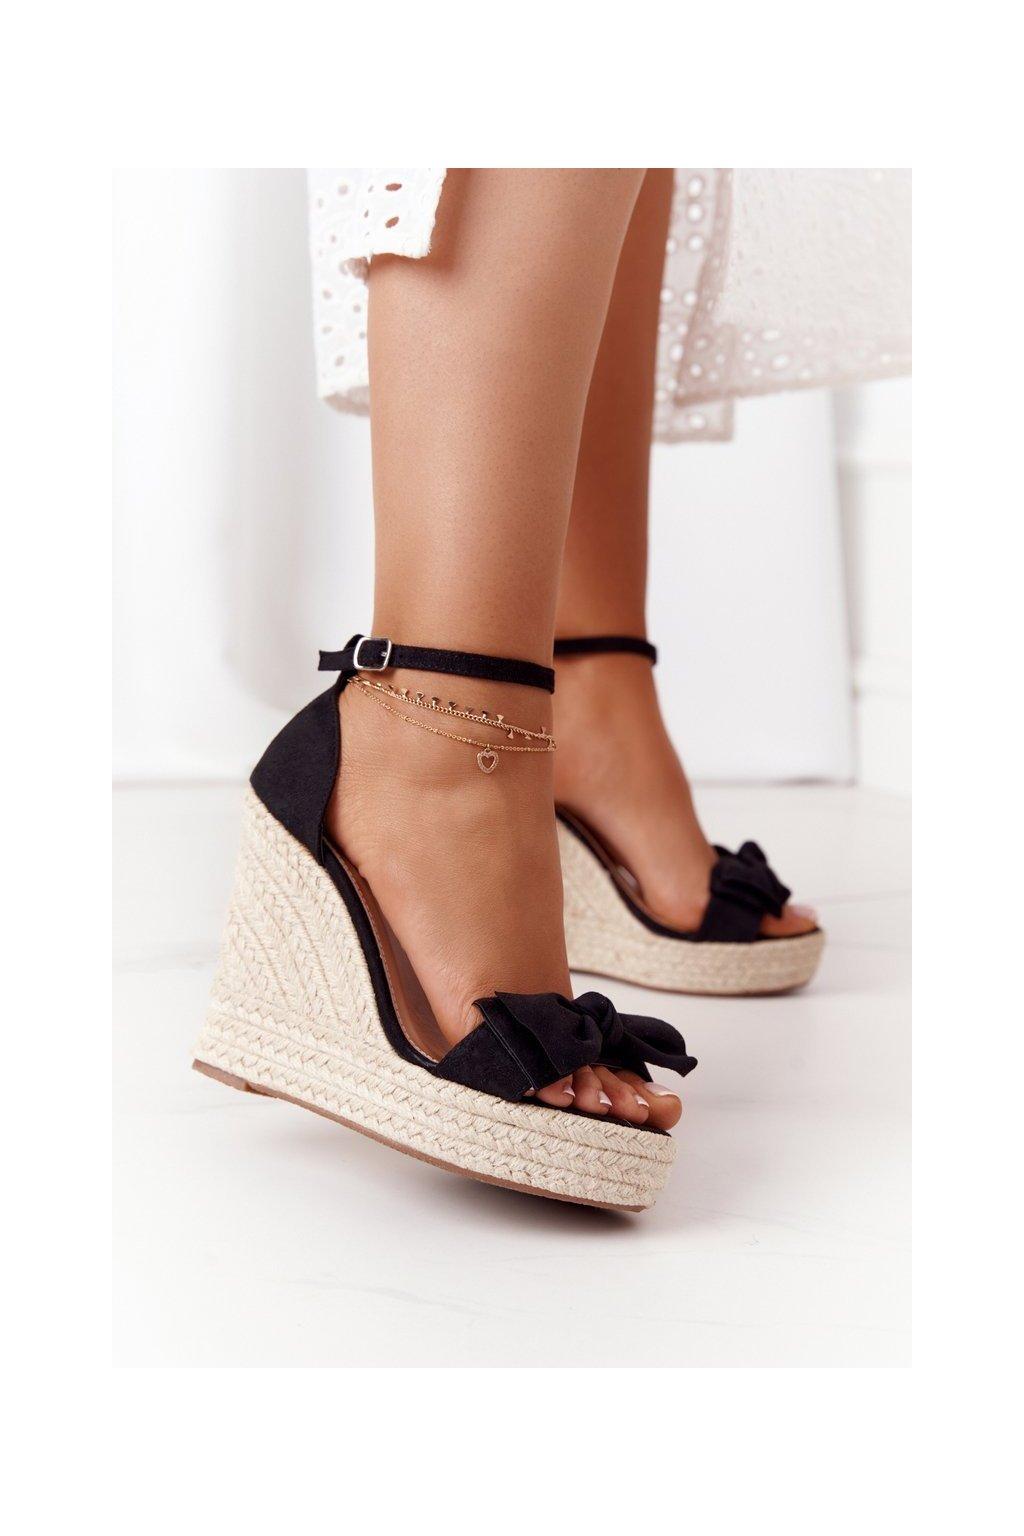 Dámske sandále farba čierna NJSK 108-15 BLACK